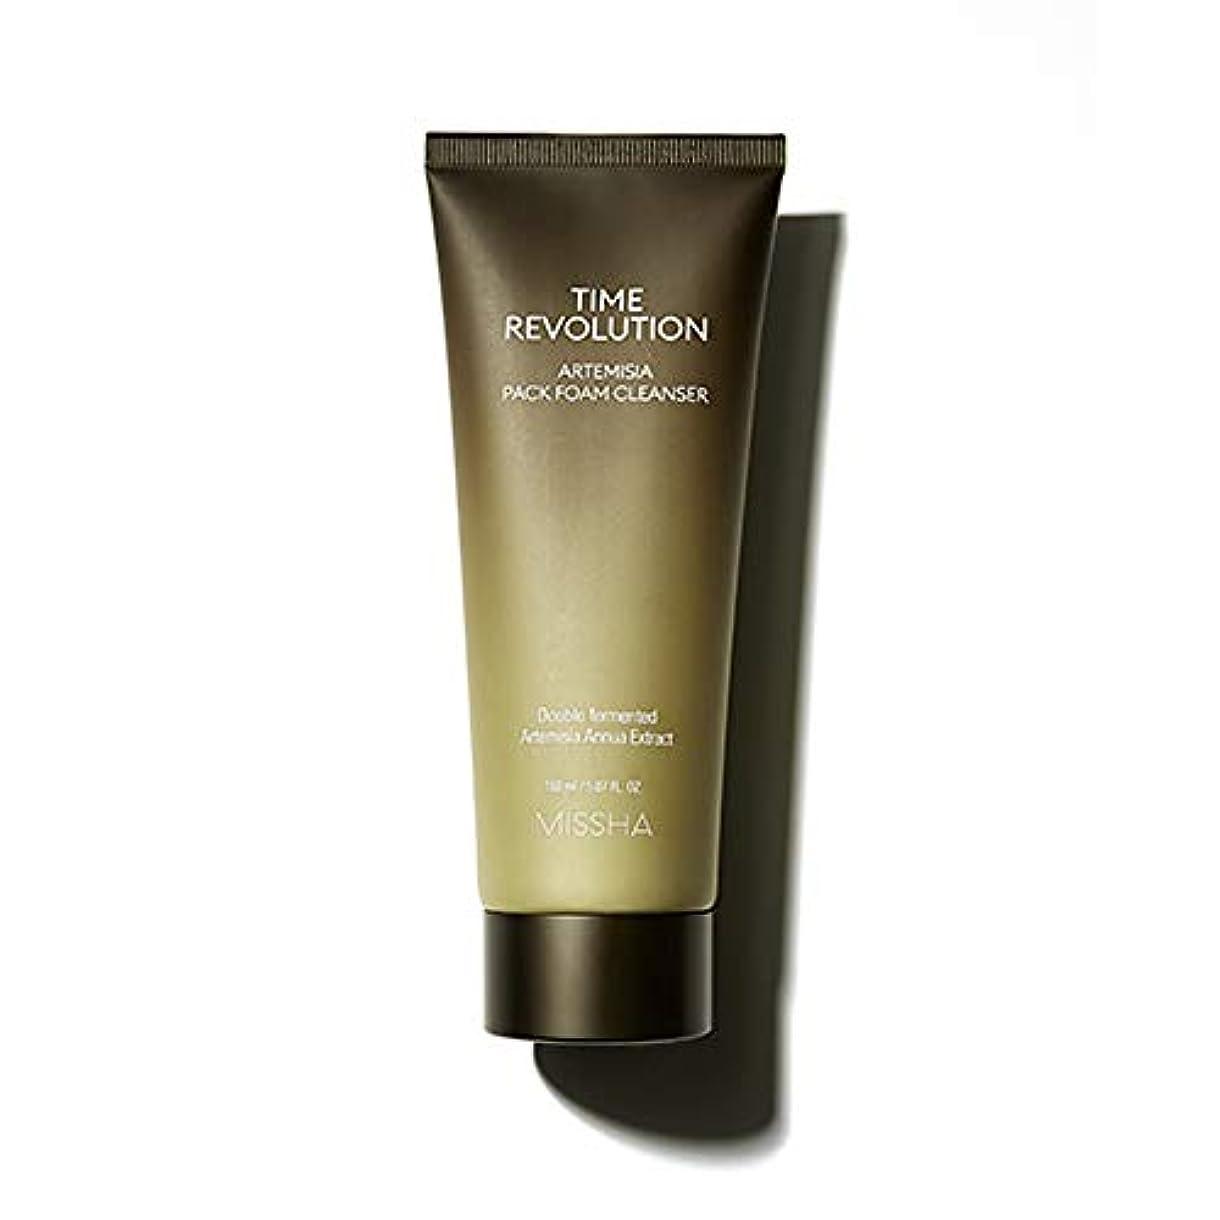 保持する電話議題Missha Time Revolution Artemisia Pack Foam Cleanser 150ml ミシャ タイム レボリューション アルテミシア パック ィー フォームクレンザー [並行輸入品]